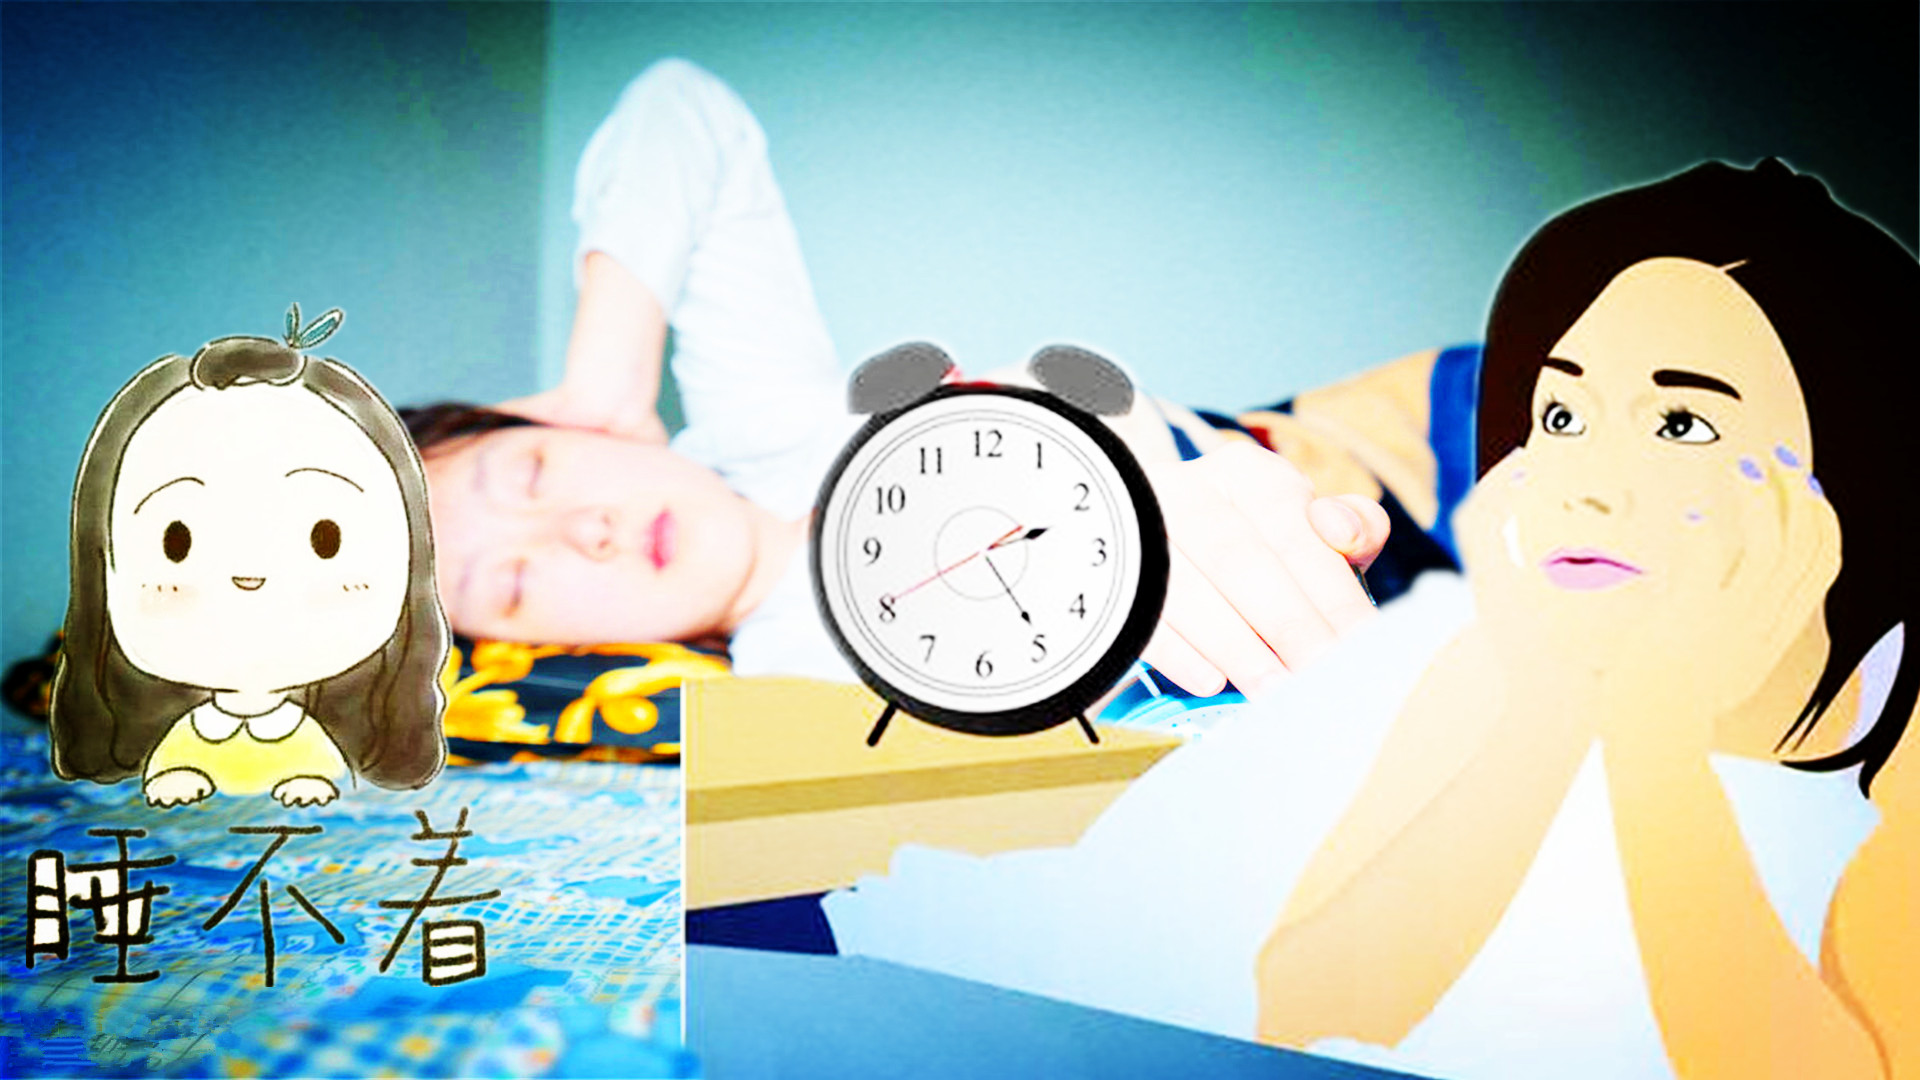 失眠康复用什么方法好?心理师说从思维入手,才是好睡眠的保证